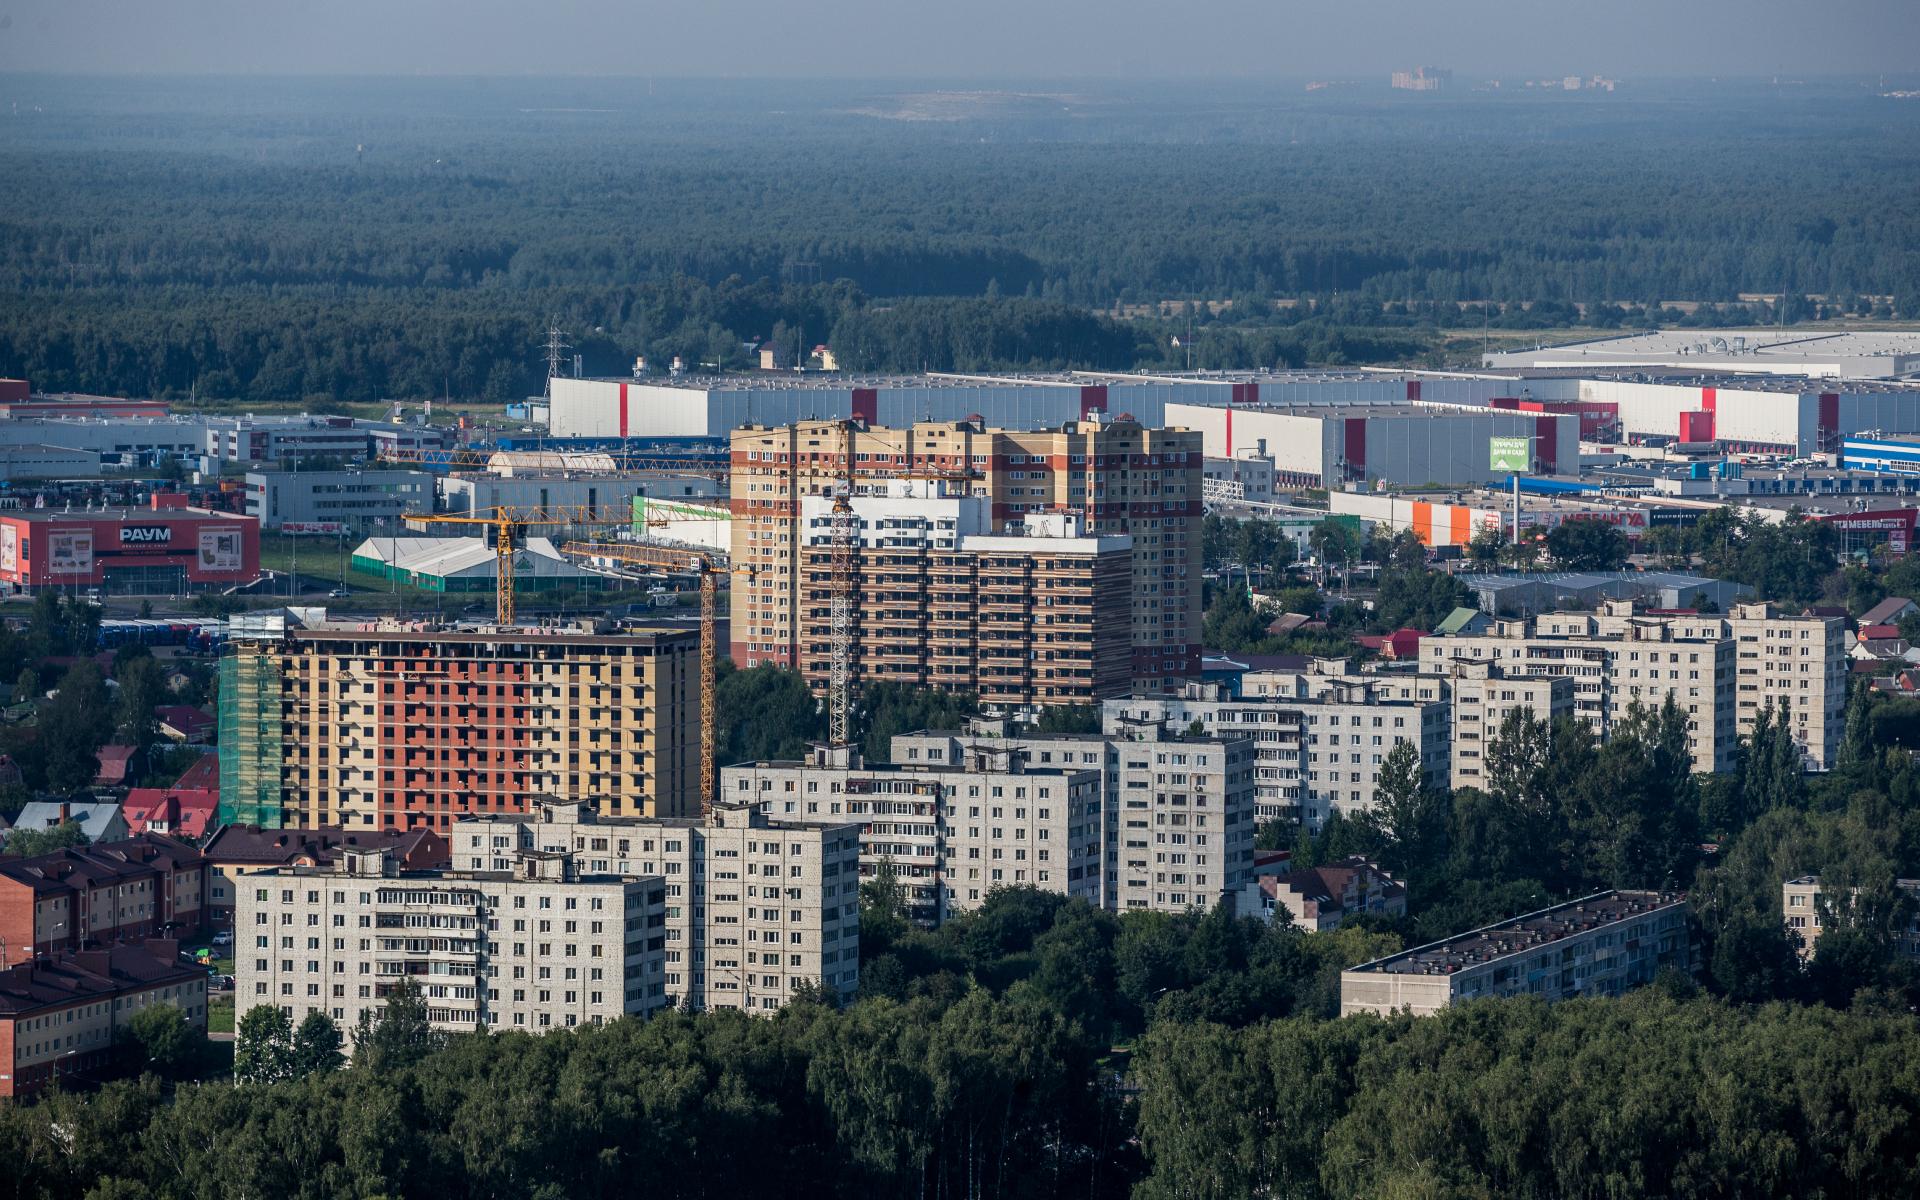 В среднем за год цена 1 кв. м на вторичном рынке в городах Московской области увеличилась на 16,8%